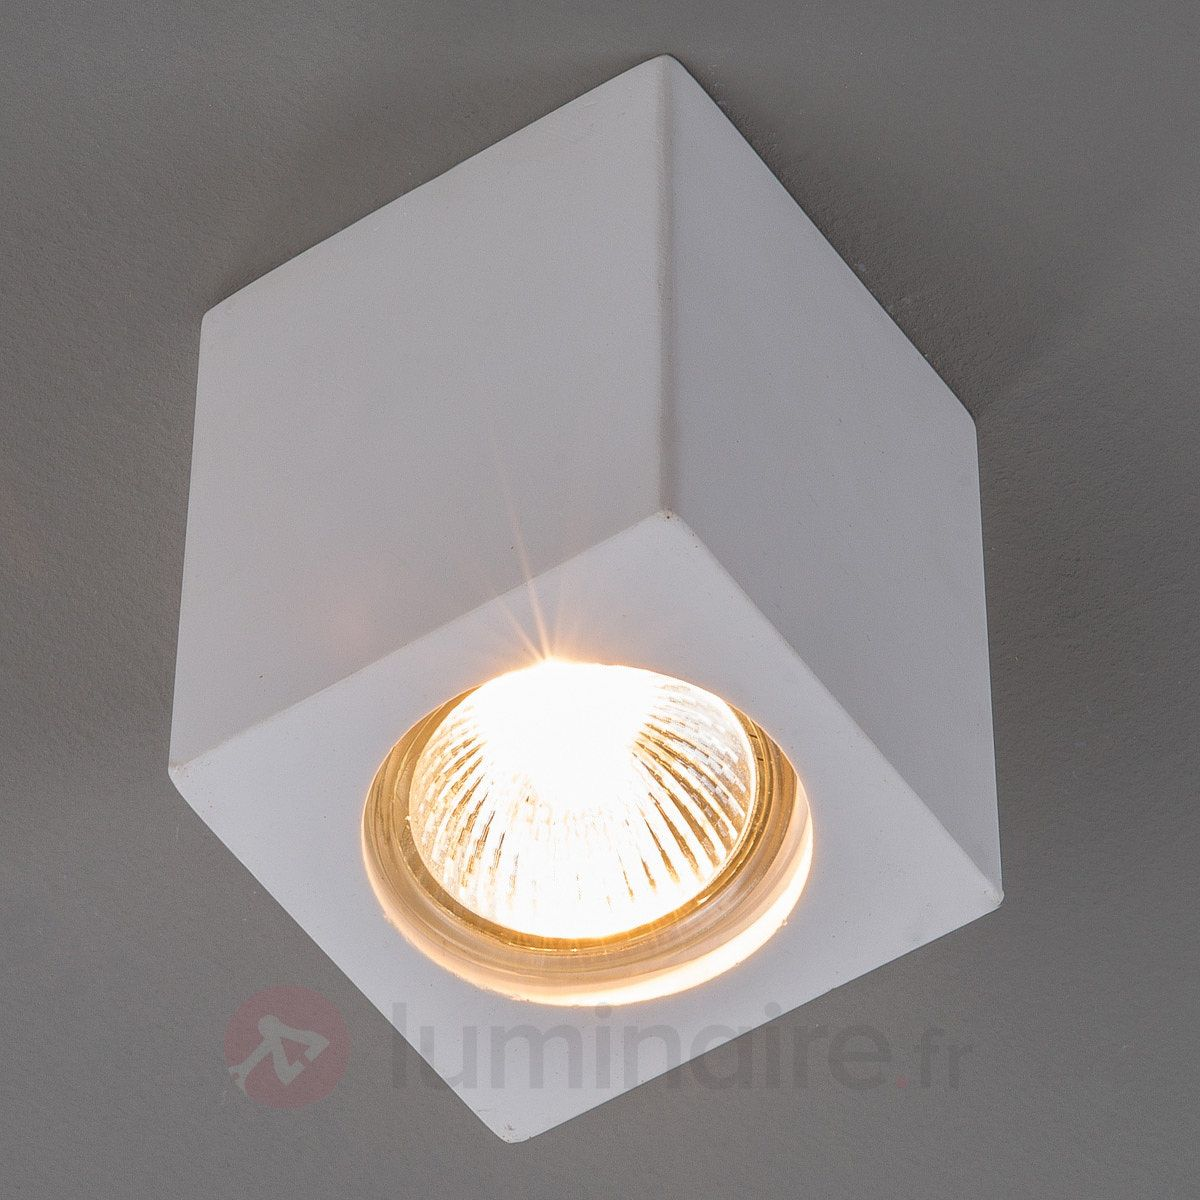 Plâtre À Lk3jtf1c Pour Anelie Halogène Gu10lampes Spot En Lampe DHE2IW9Yeb